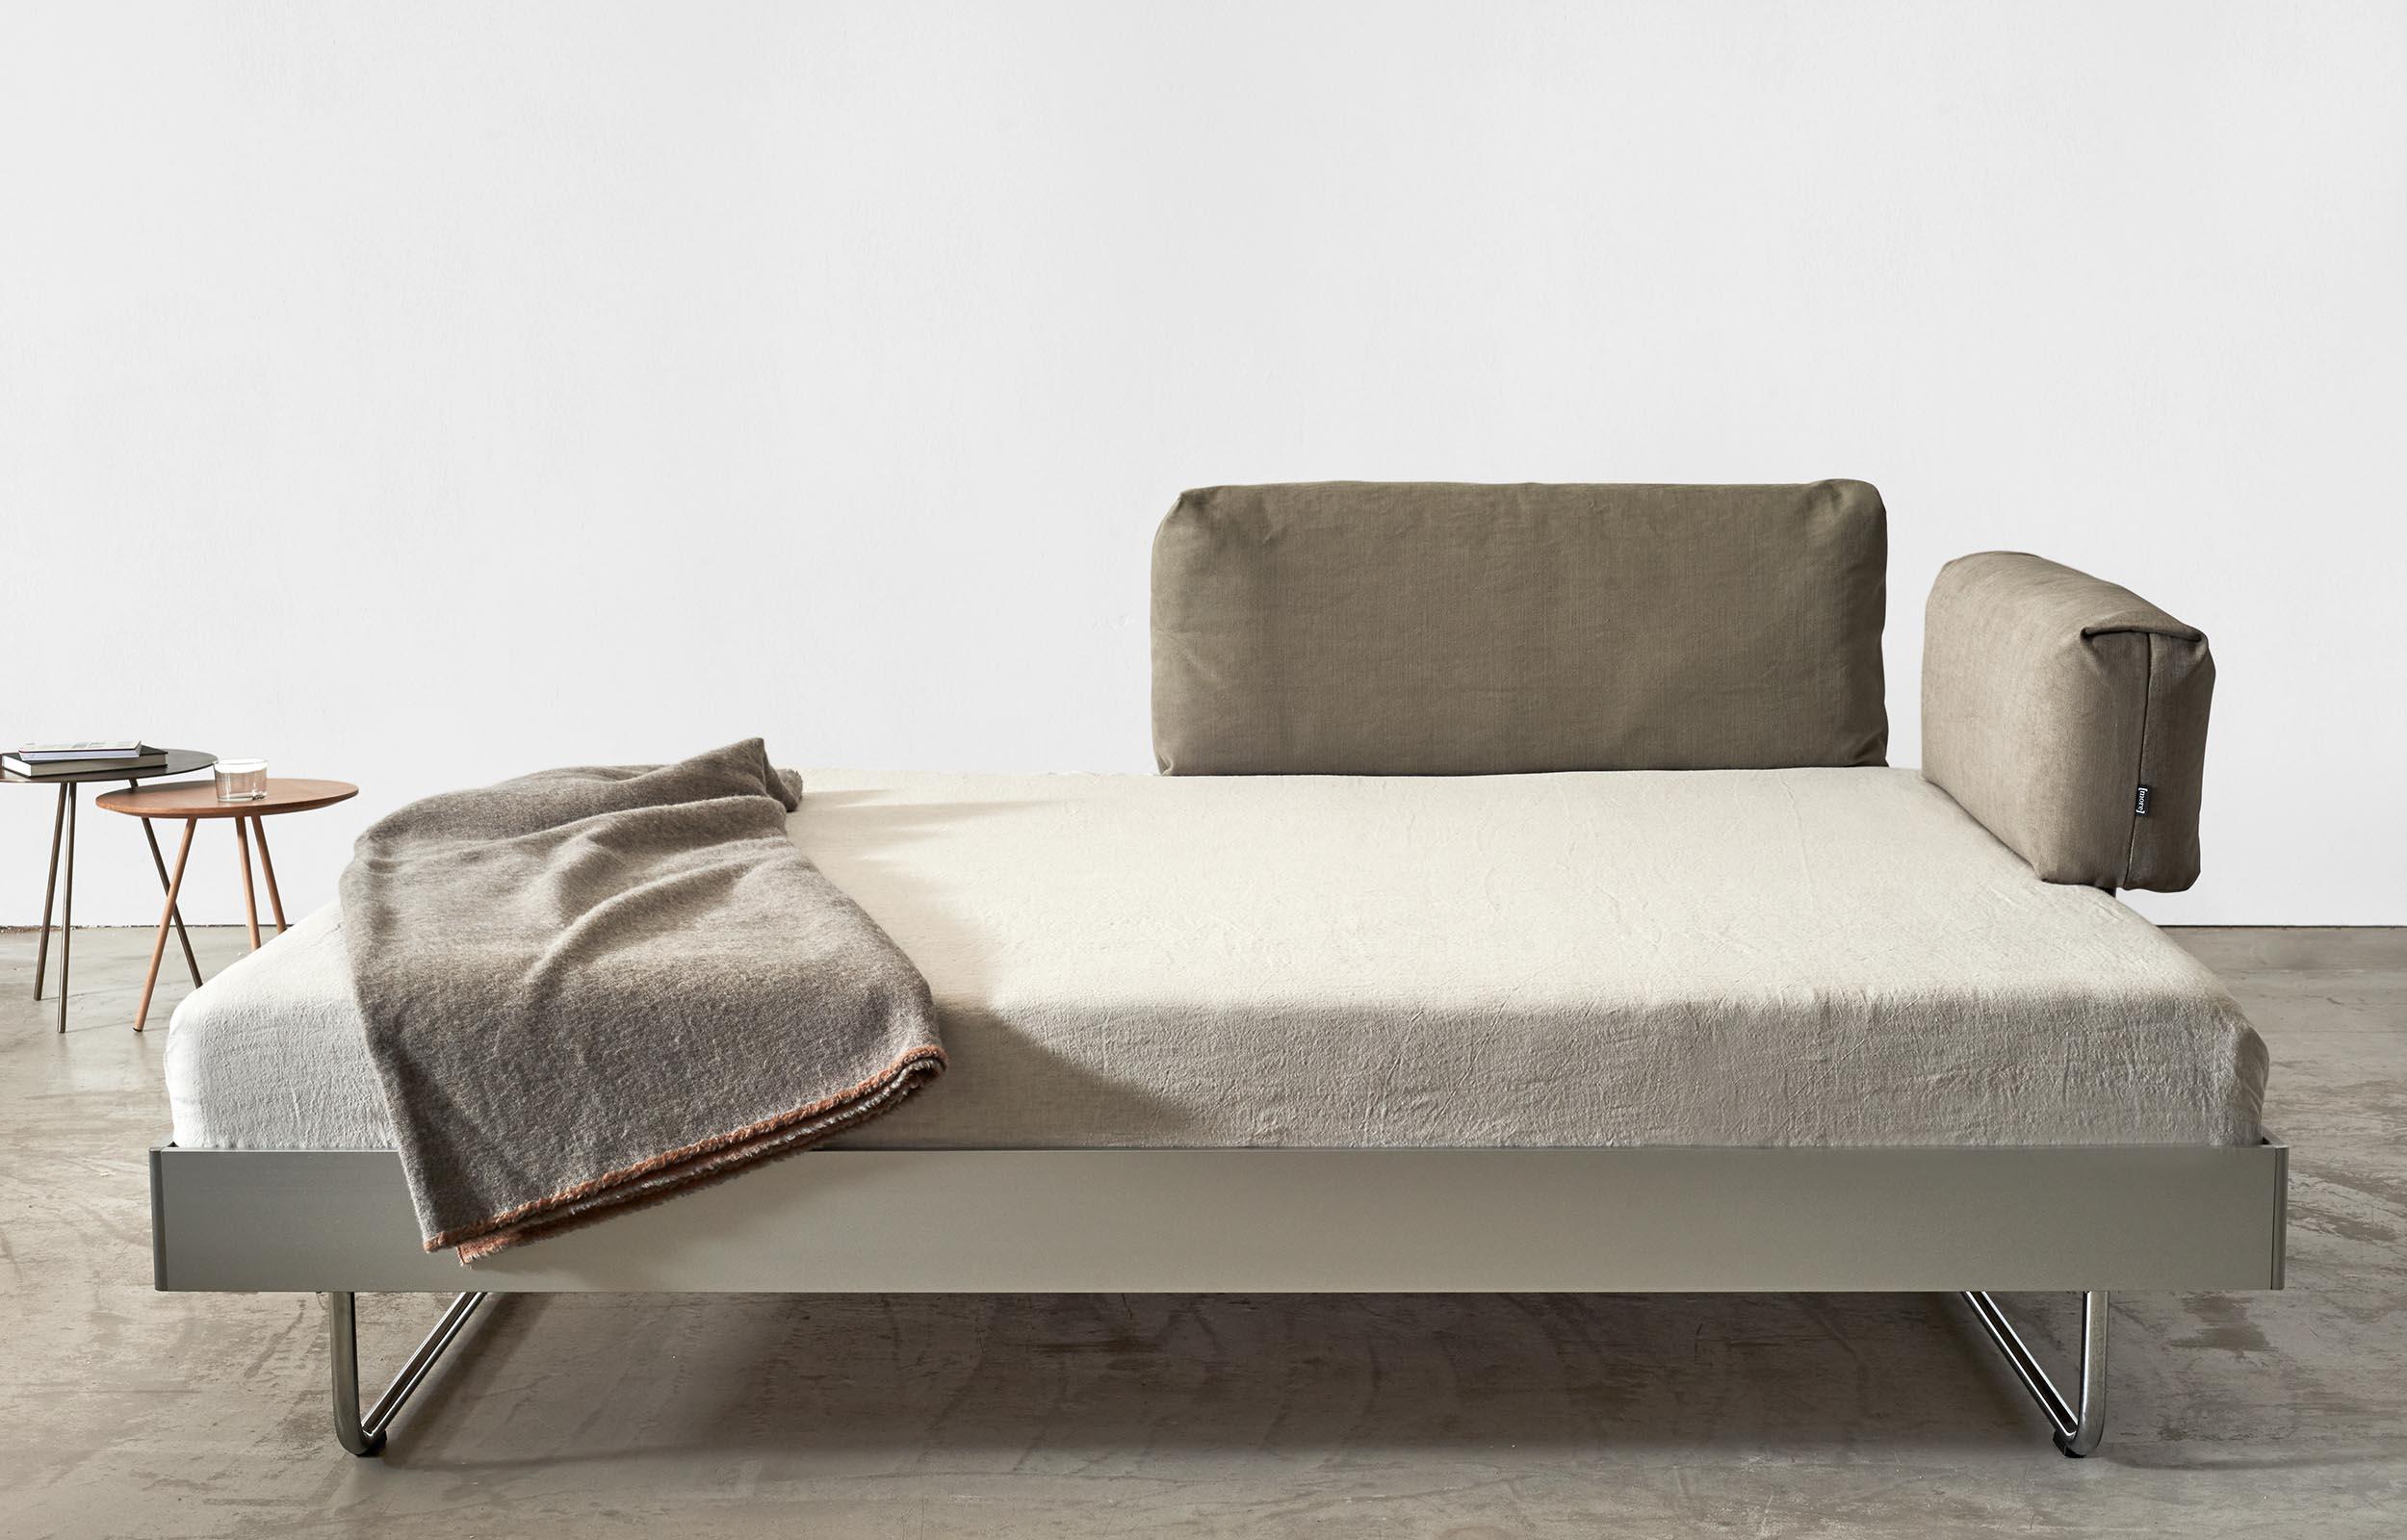 Full Size of Xora Jugendzimmer Sofa Jugendbett Besten Tipps Und Ideen Gibts Bei Bett Wohnzimmer Xora Jugendzimmer